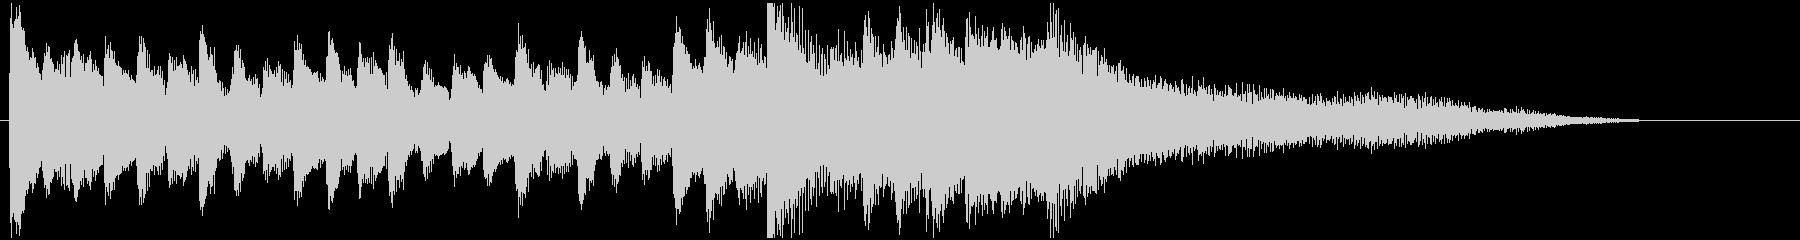 ピアノとベルとウインドチャイムのジングルの未再生の波形